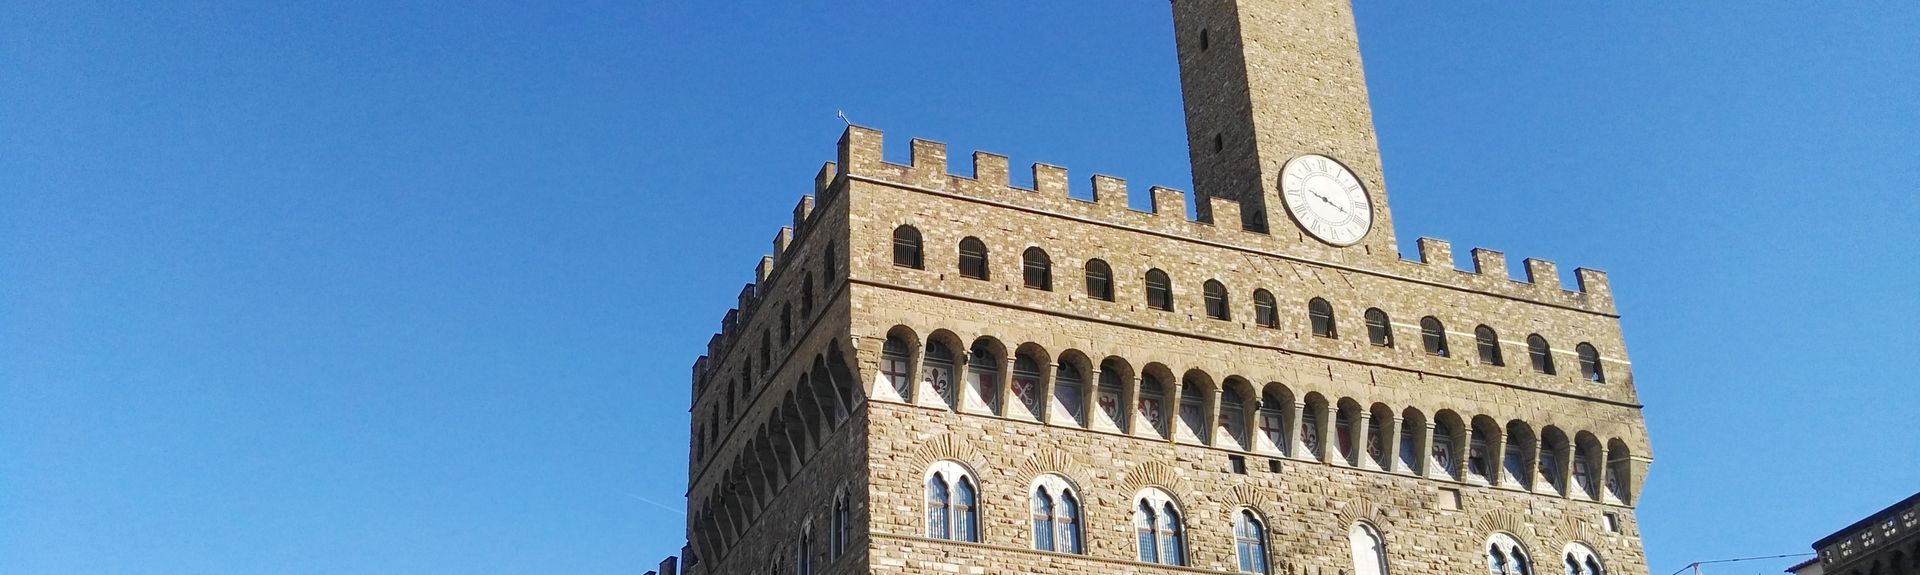 Santo Spirito, Florenz, Italien